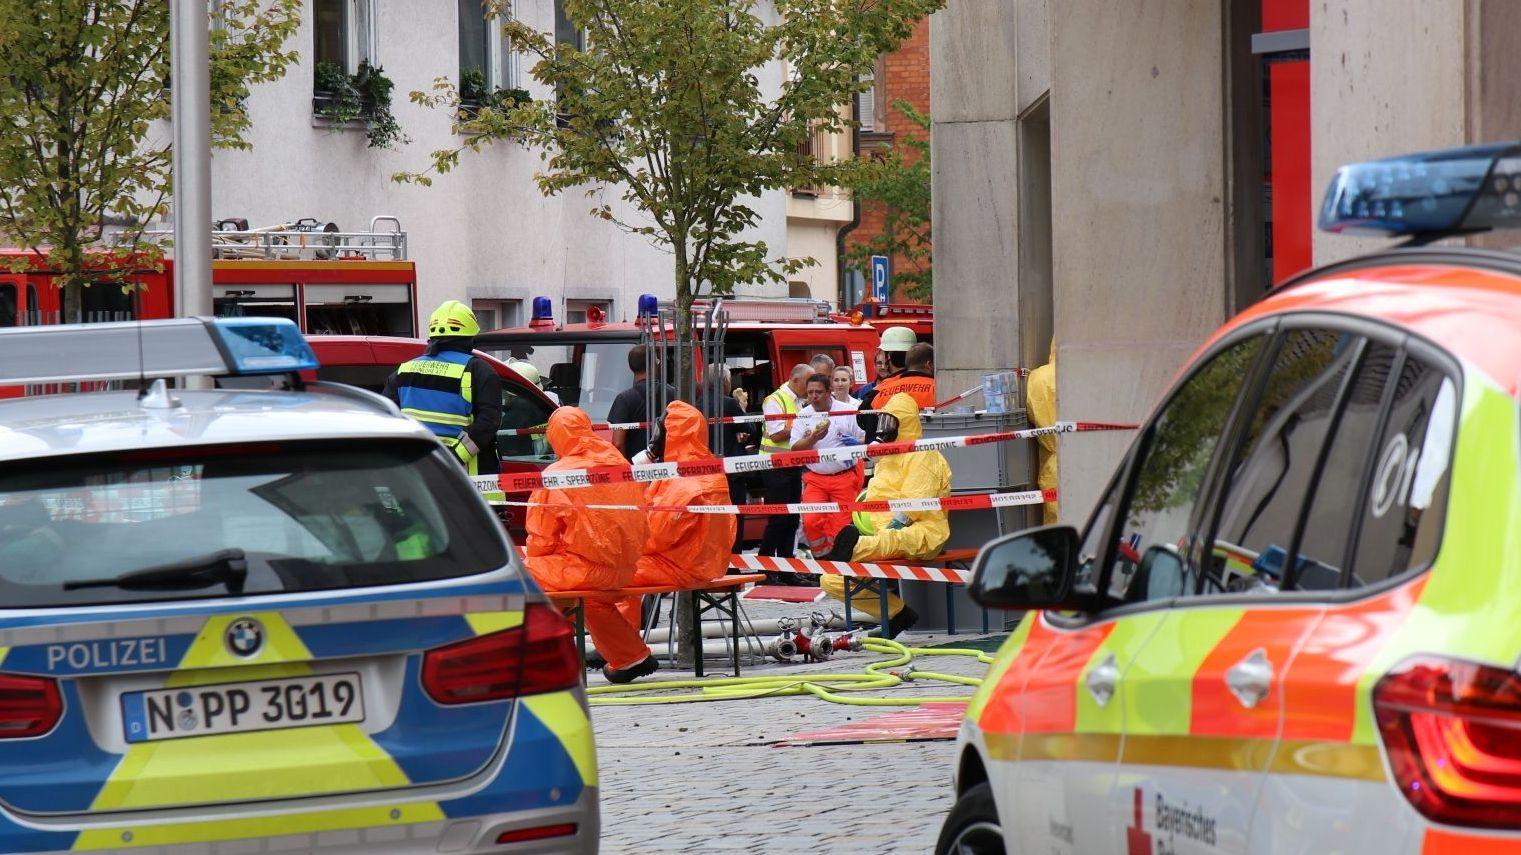 Einsatzkräfte vor der Sparkasse in Roth nach einem versuchten Raubüberfall am 19. August, bei dem auch eine unbekannte Substanz versprüht wurde.